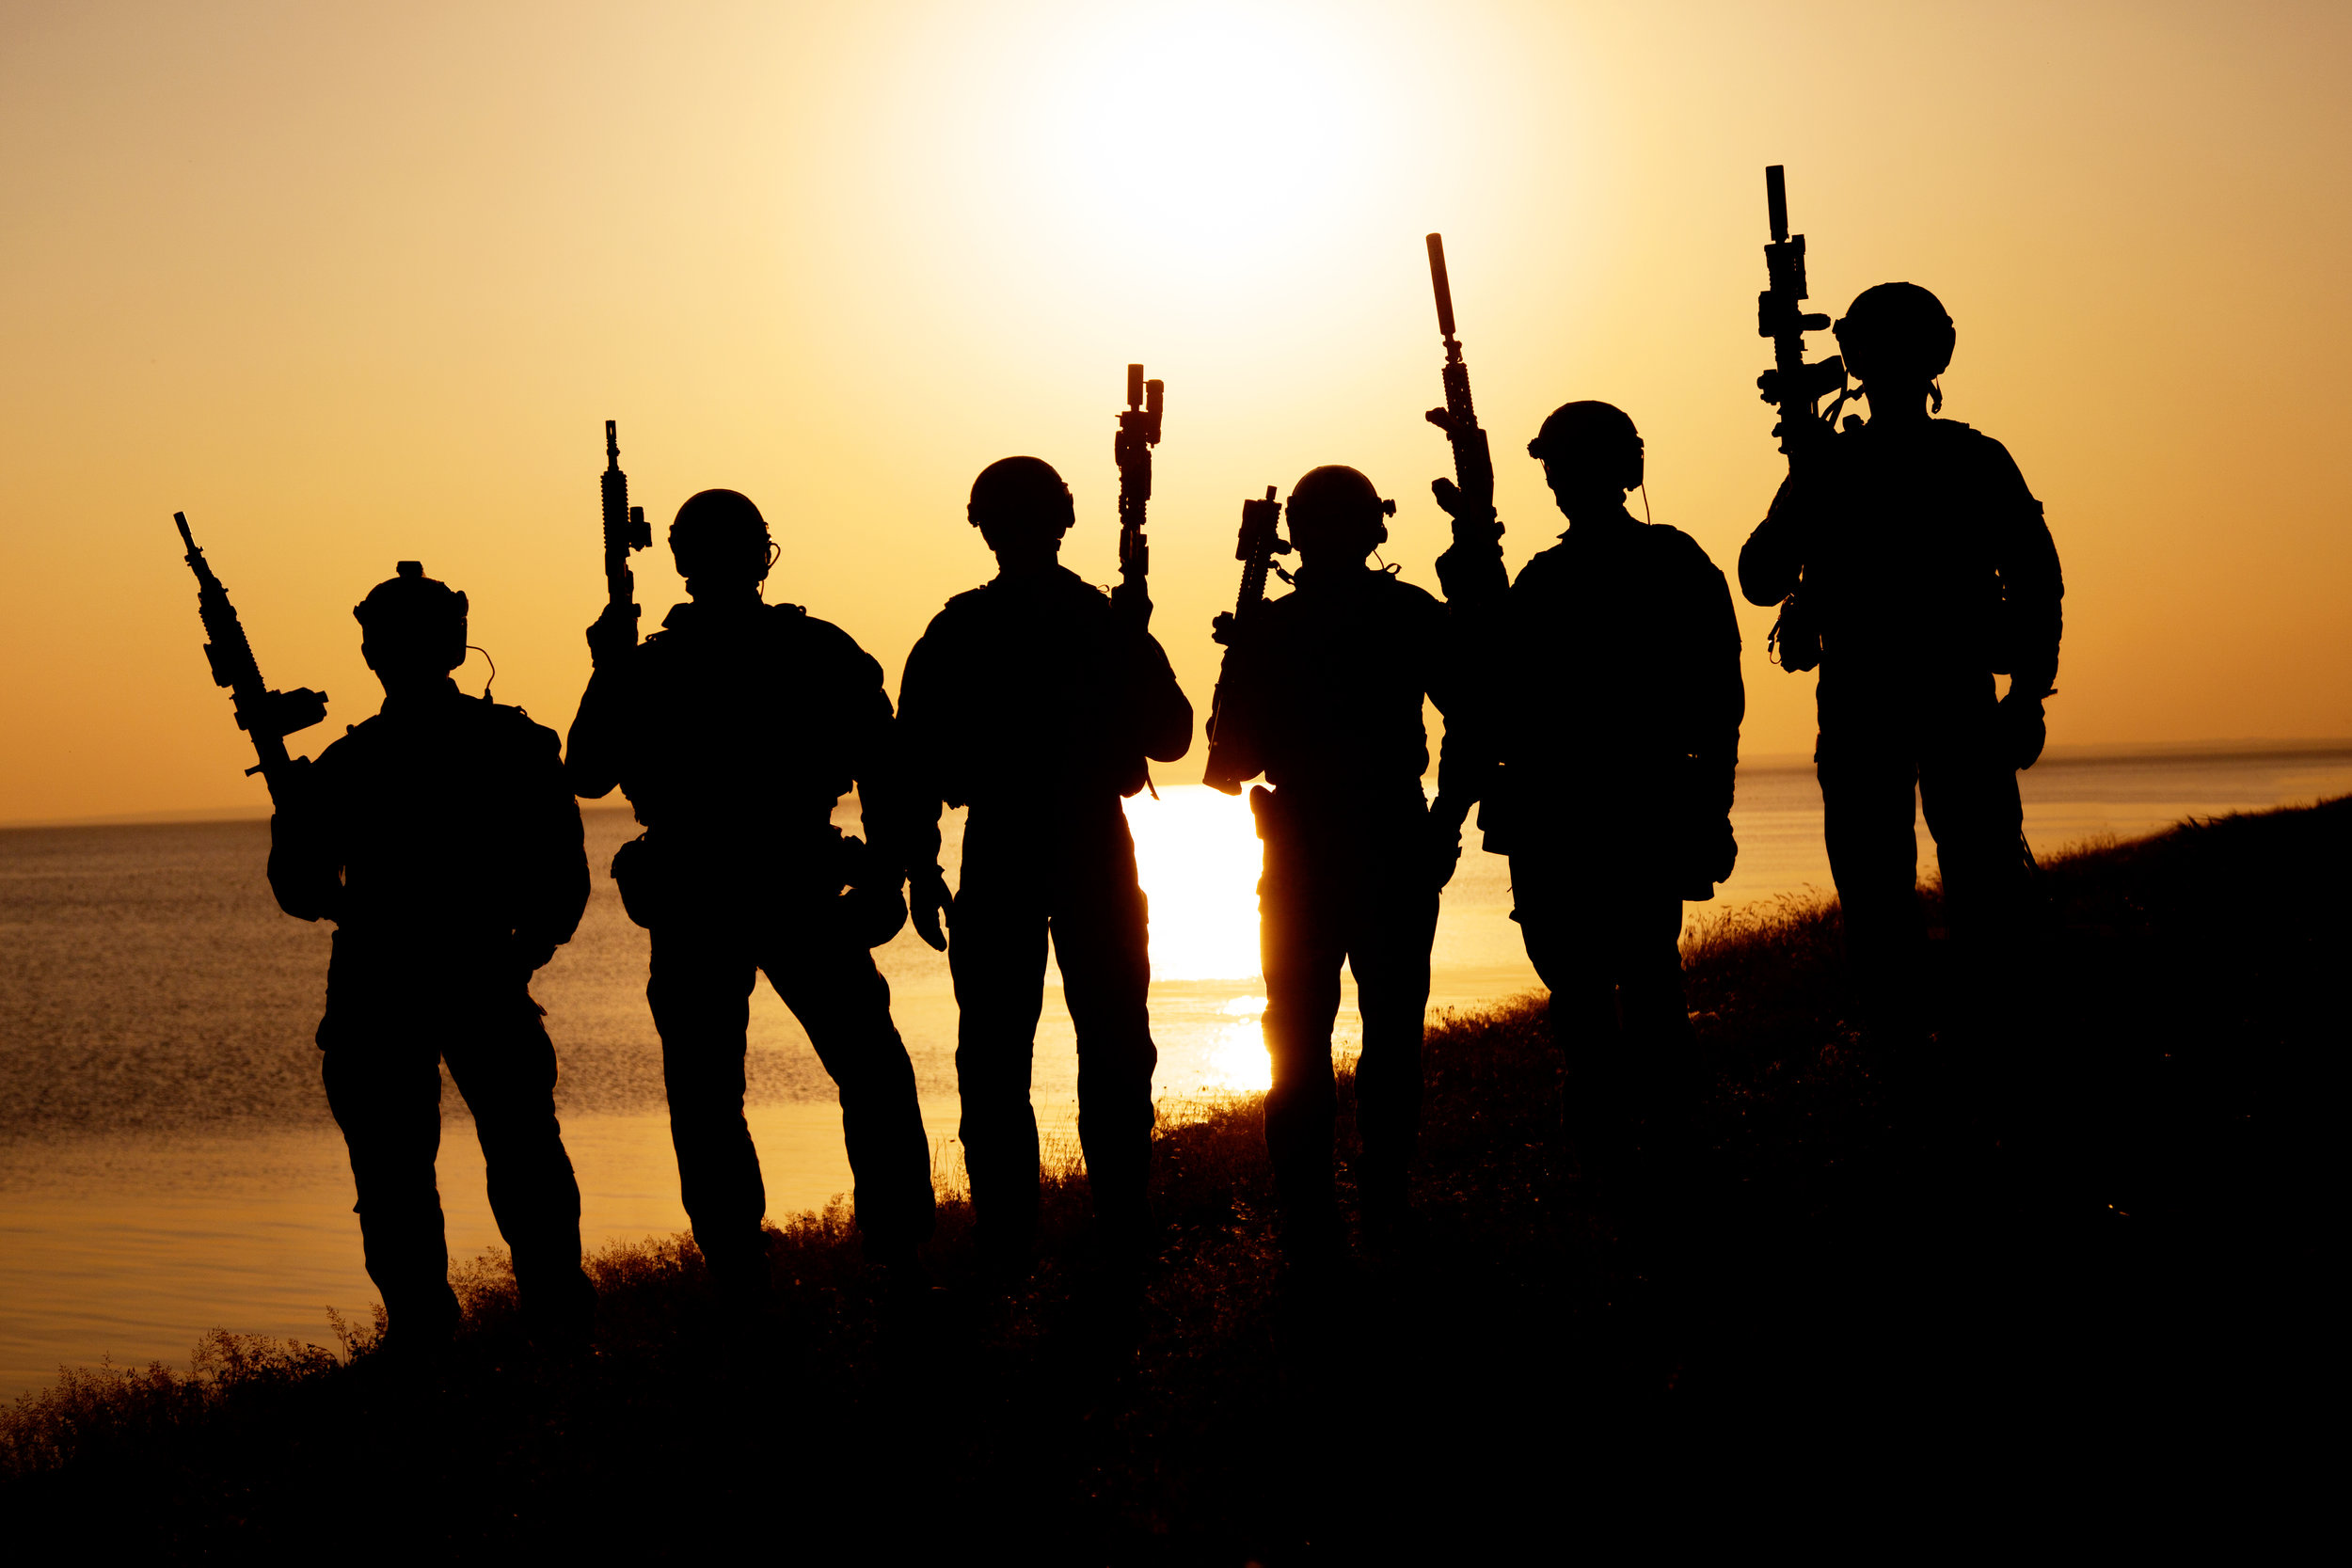 Heroes soldier silhouette.jpg